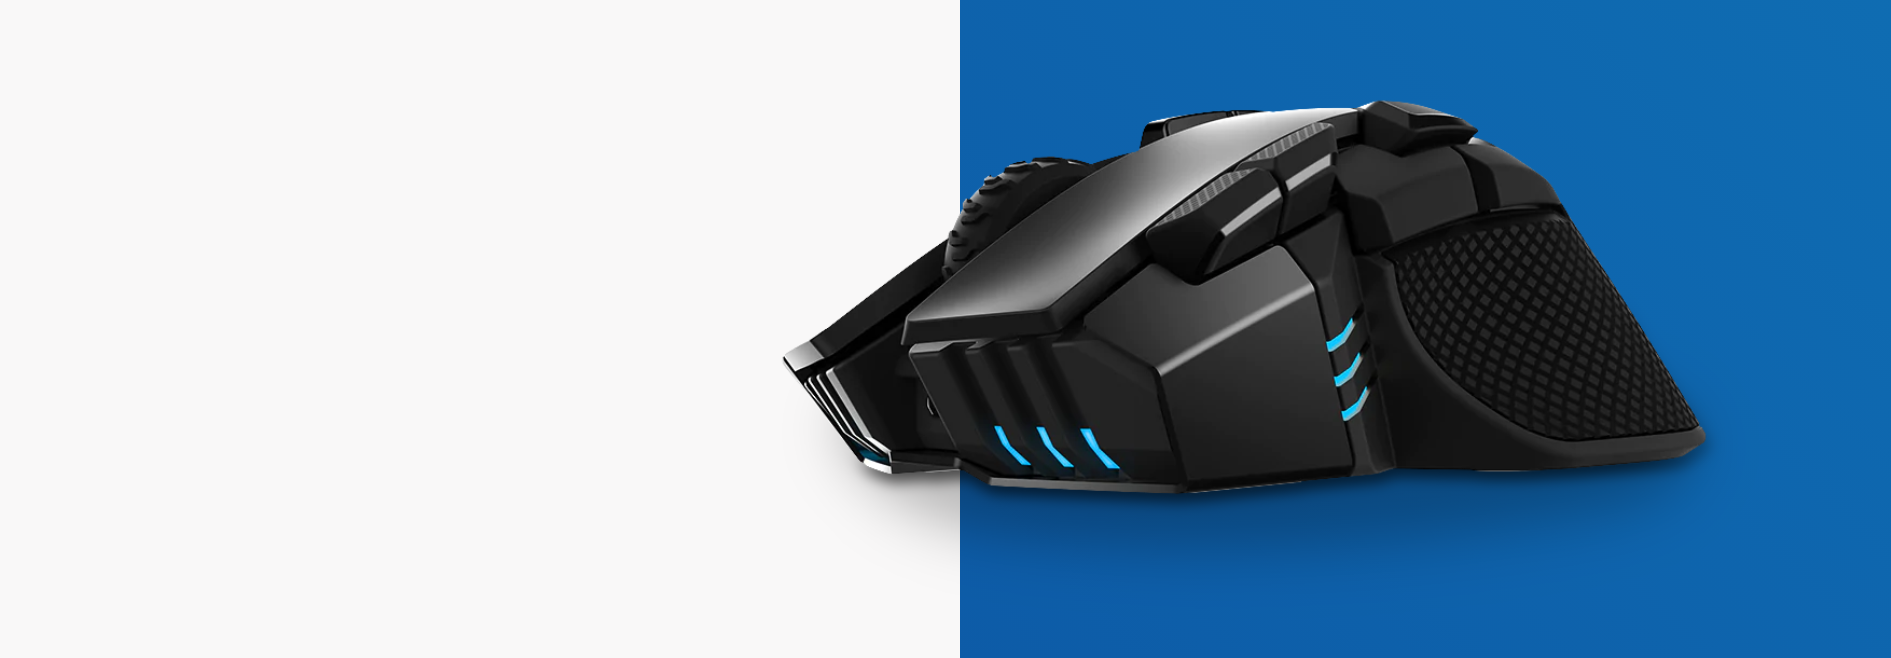 Chuột không dây Corsair Iron claw RGB (USB/RGB/Đen) (CH-9317011-AP) có thiết kế phù hợp cho người tay to